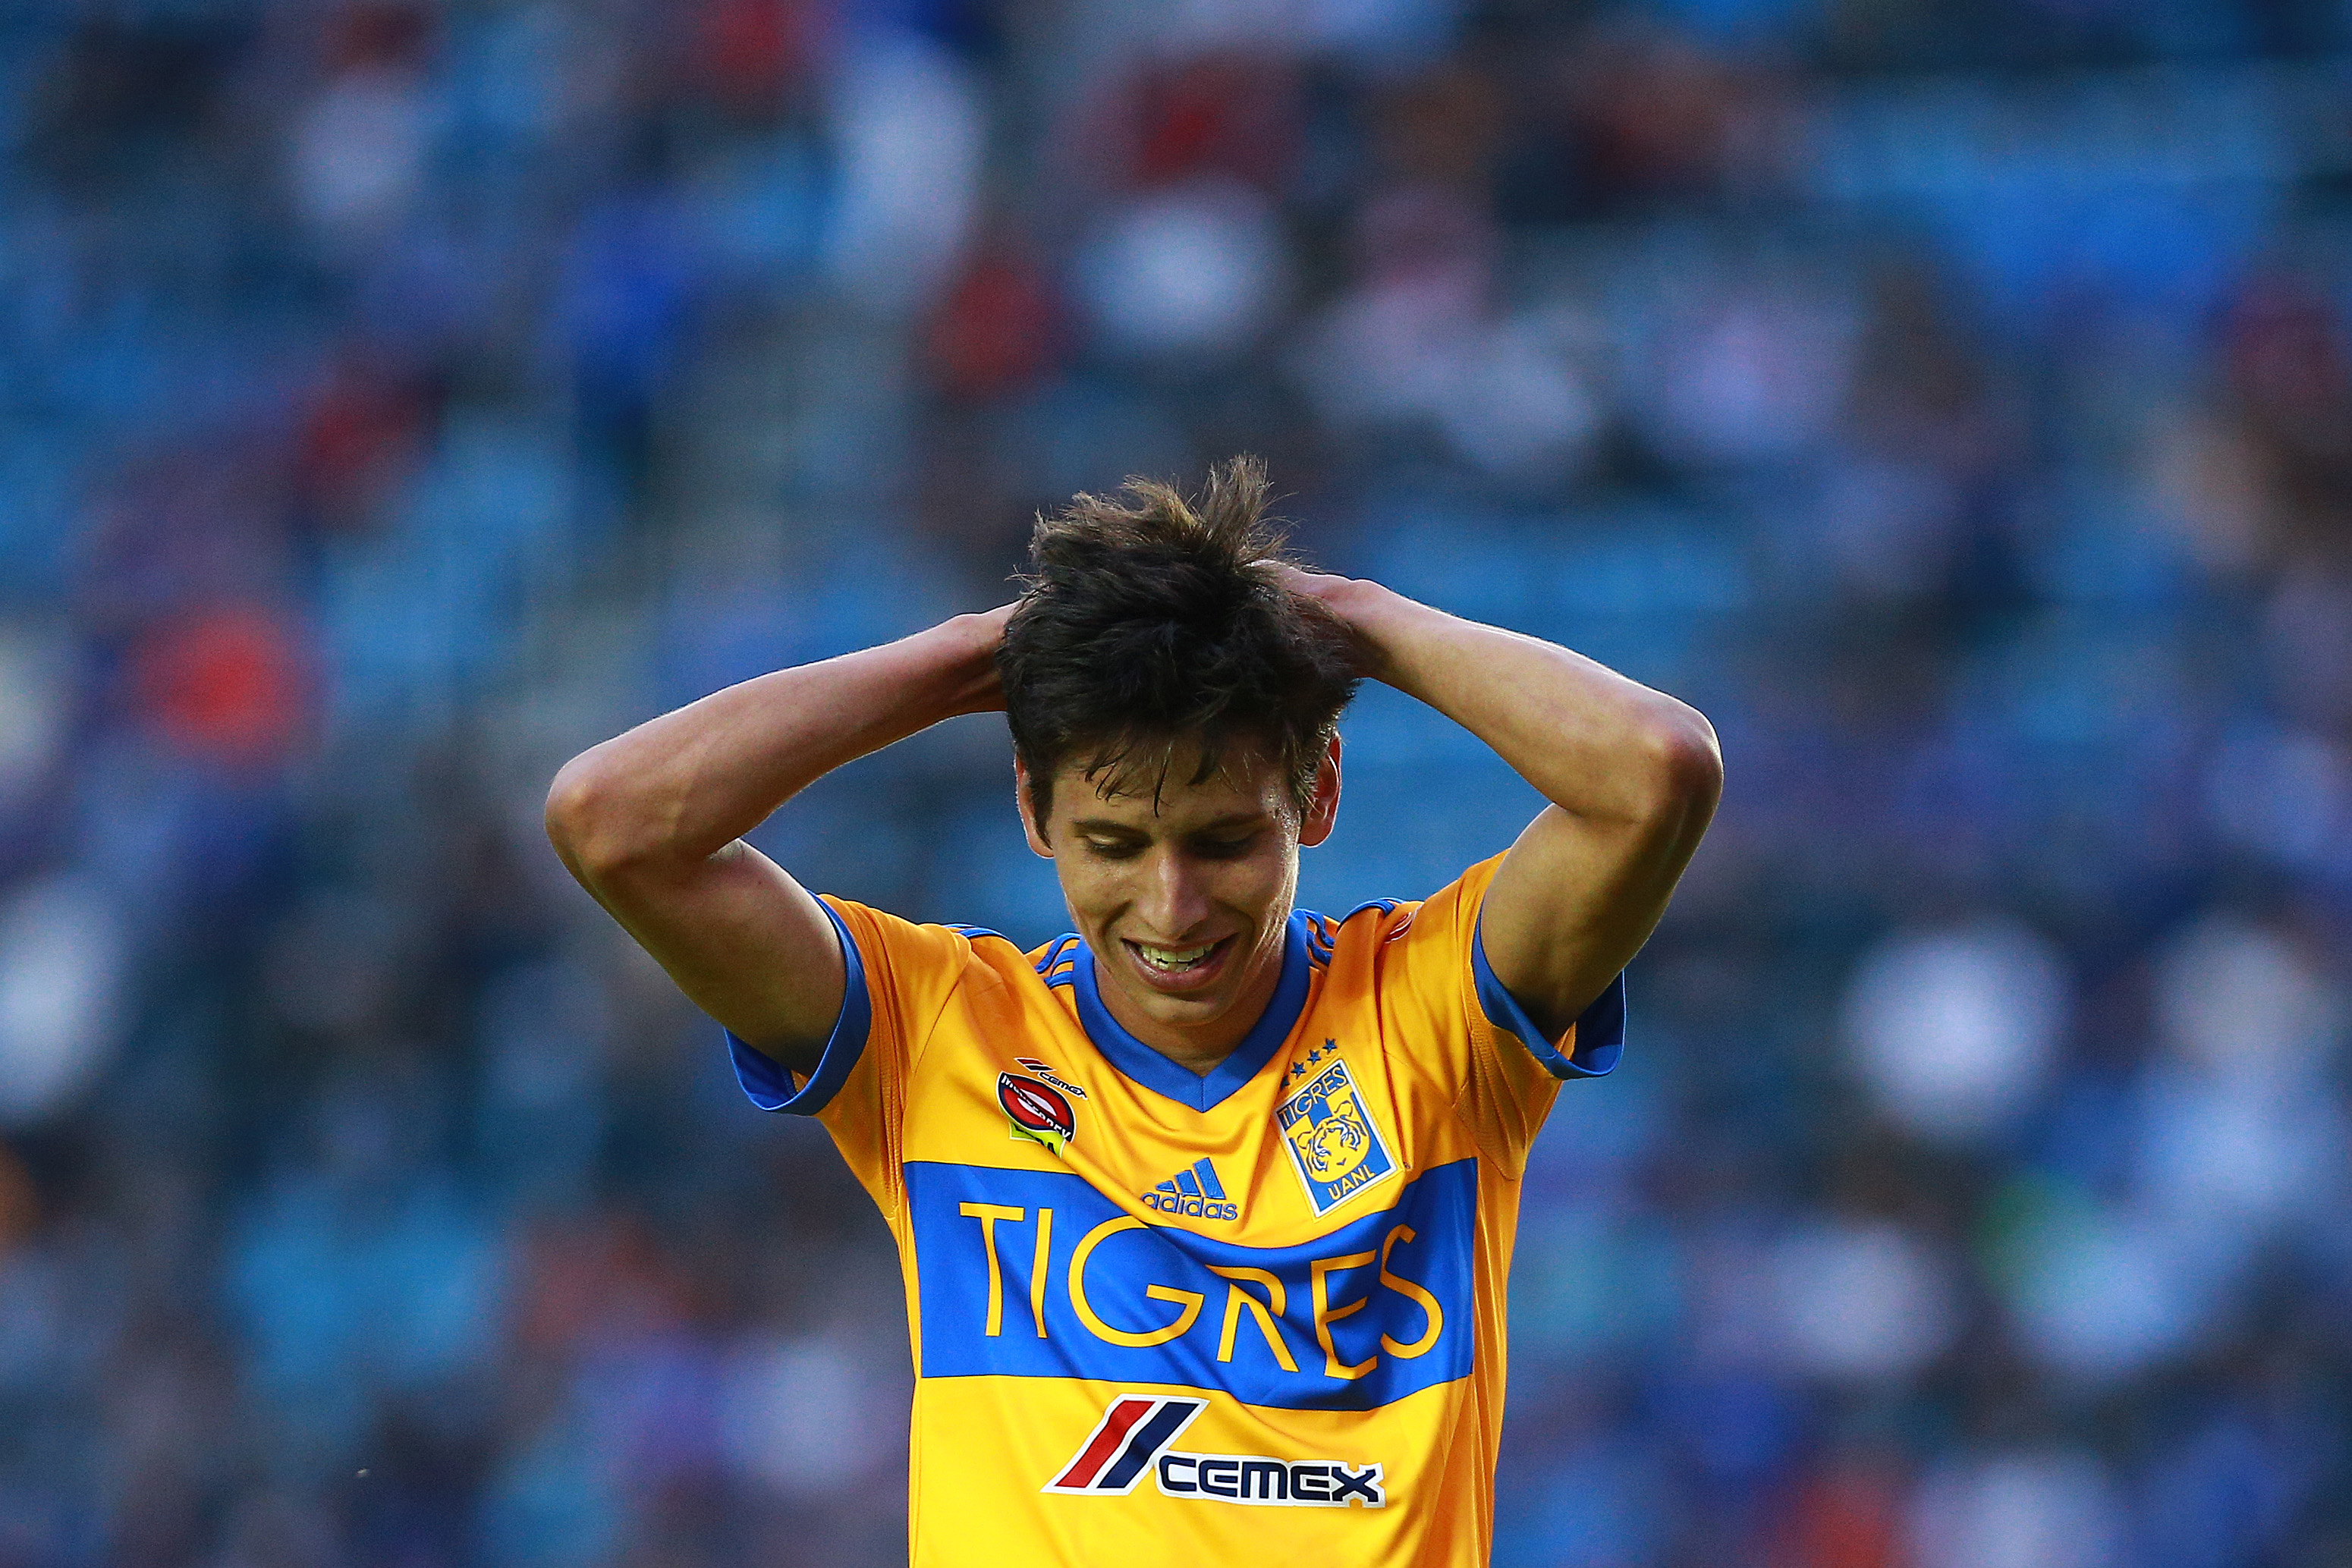 Policía, Nuevo León, detiene, futbolista, Jürgen Damm, Jurgen, Tigres, Liga MX, restaurant, Pollo Loco, conducir, exceso de velocidad